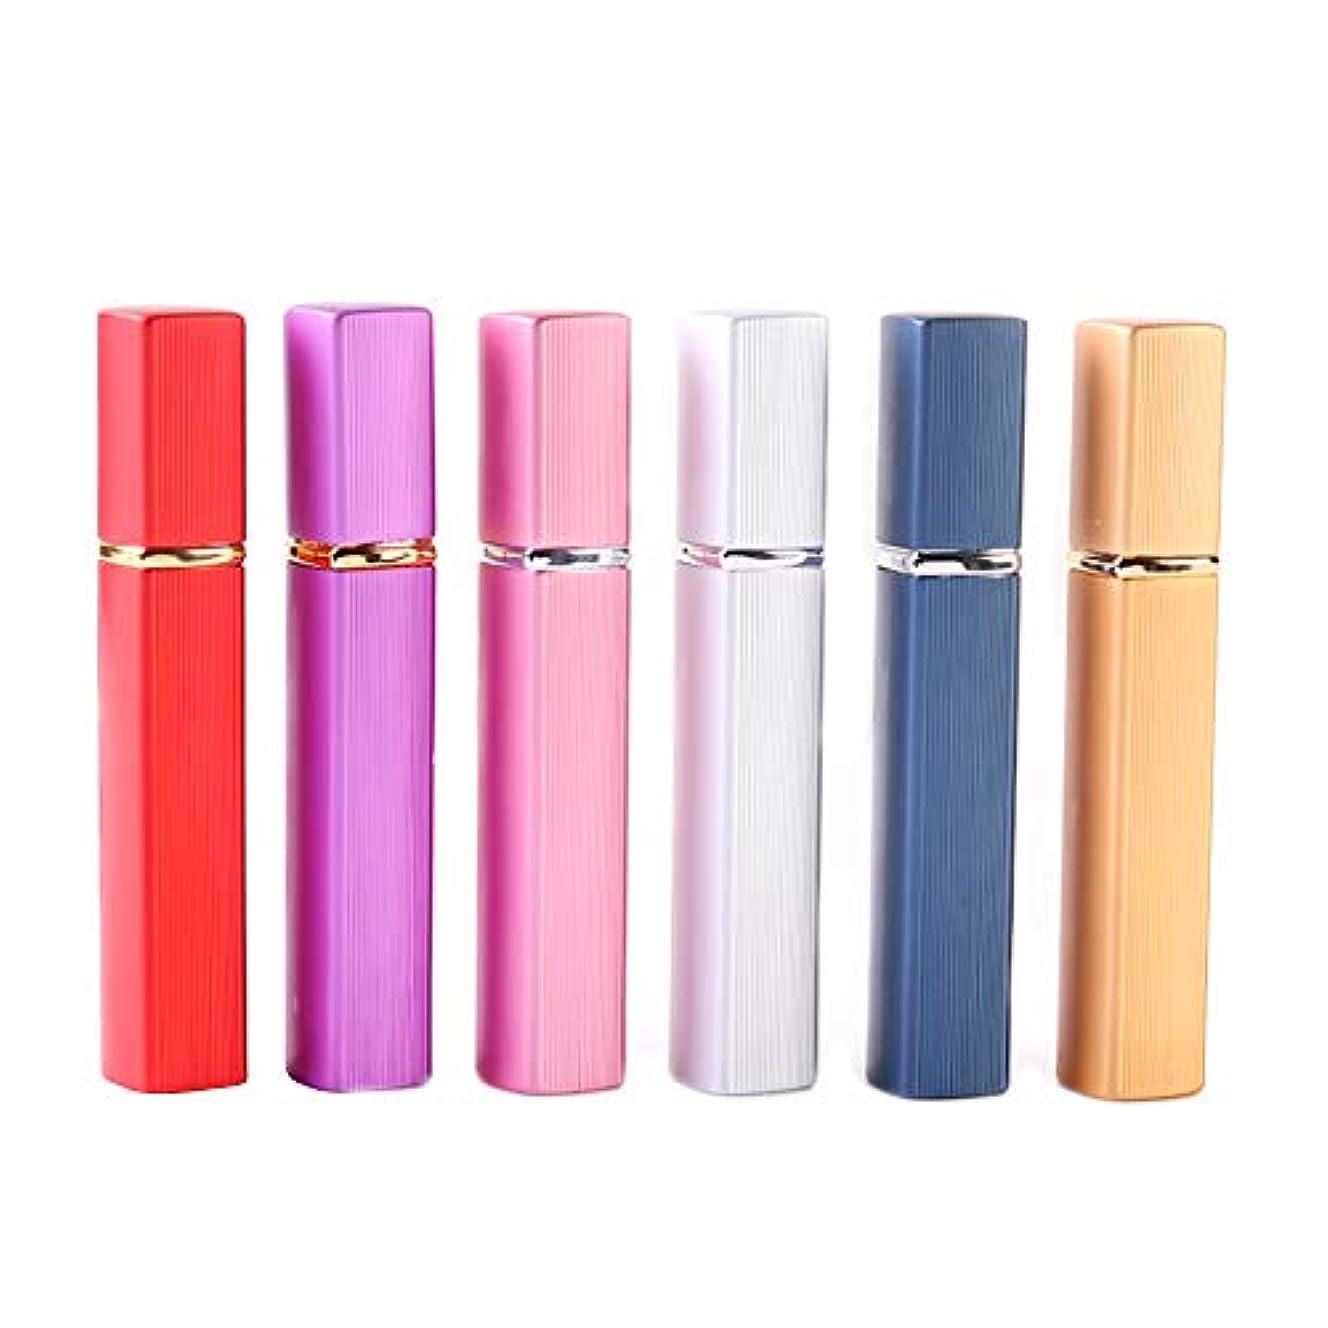 比べるのスコアスリーブアトマイザー 香水 詰め替え容器 スプレーボトル 小分けボトル トラベルボトル 旅行携帯便利 (12ml-6pcs)